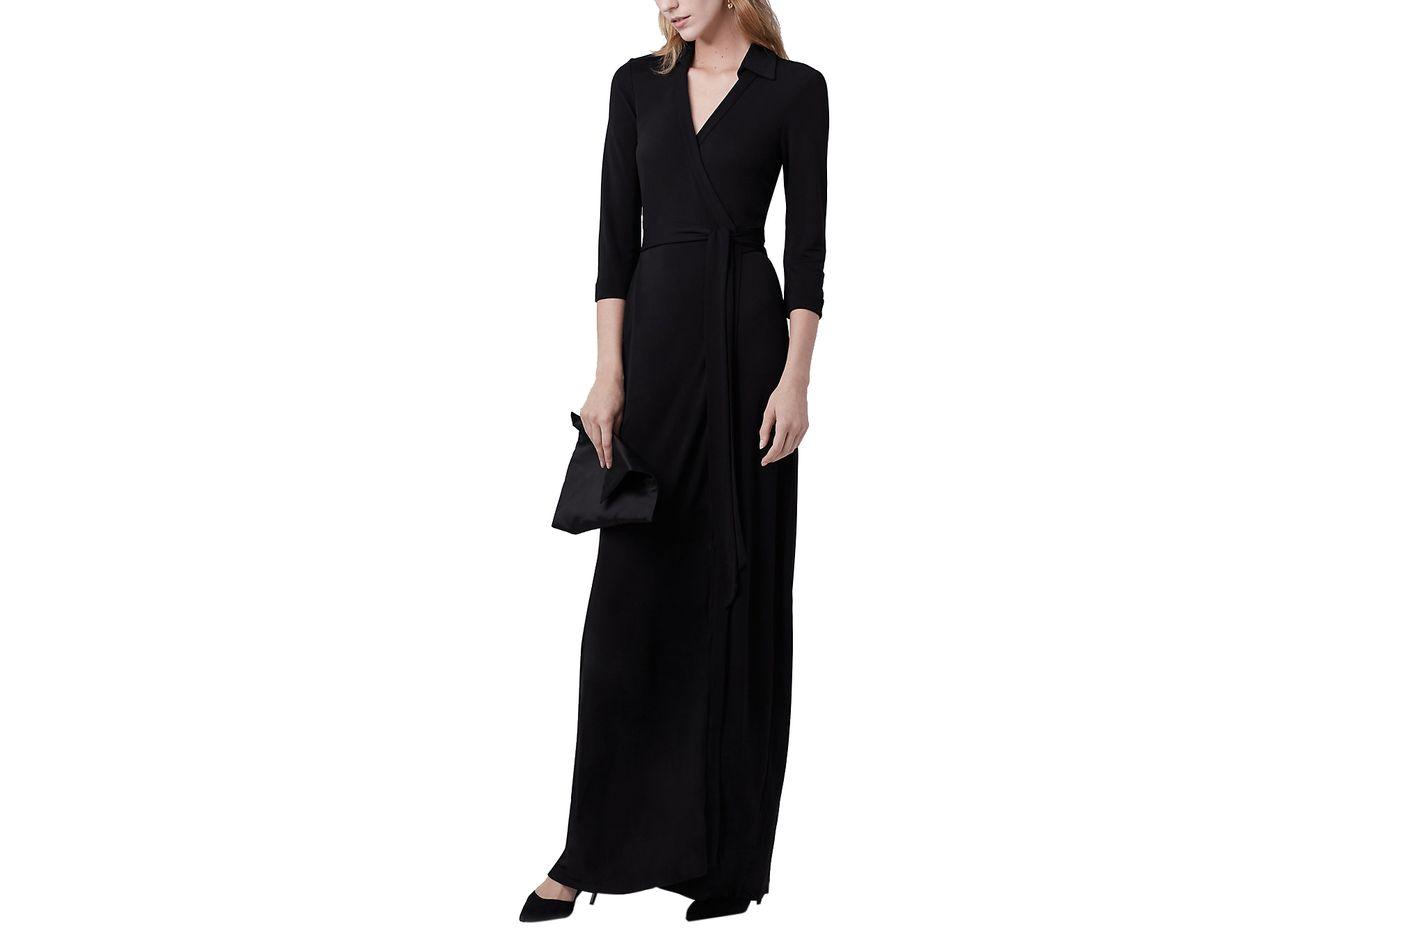 Diane von Furstenberg Abigail Maxi Jersey Wrap Dress